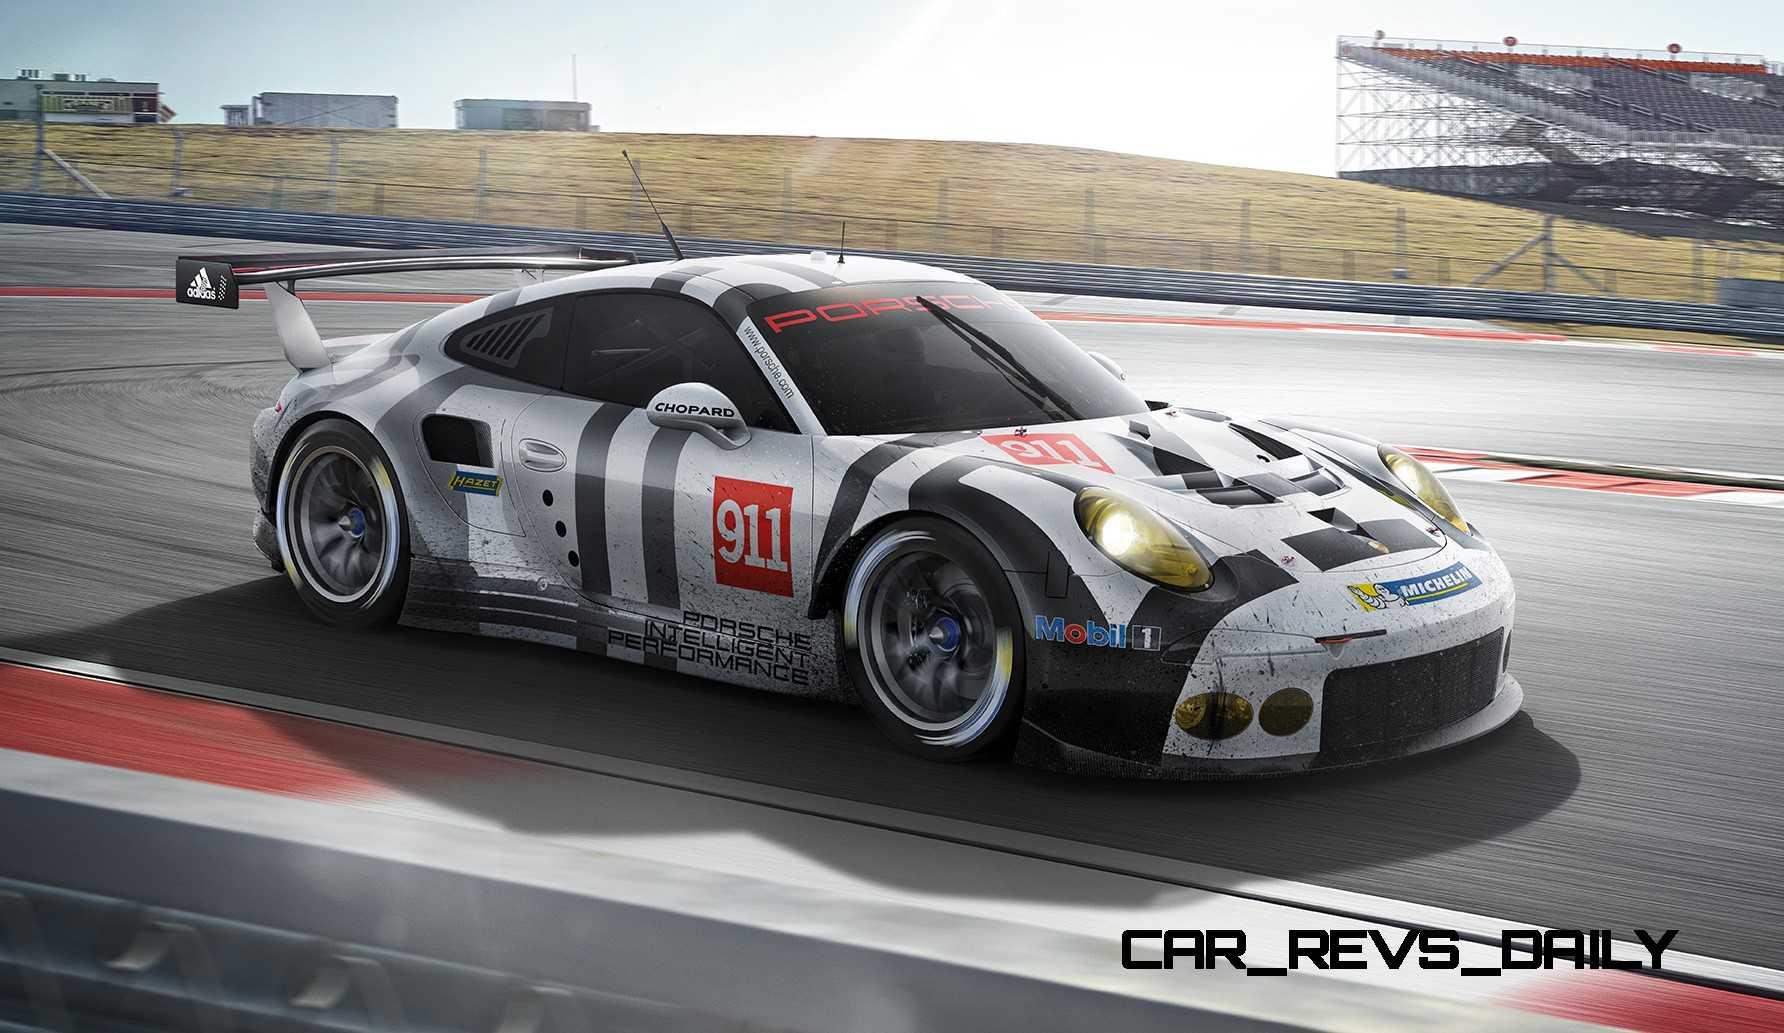 2015 Porsche 911 Rsr 6